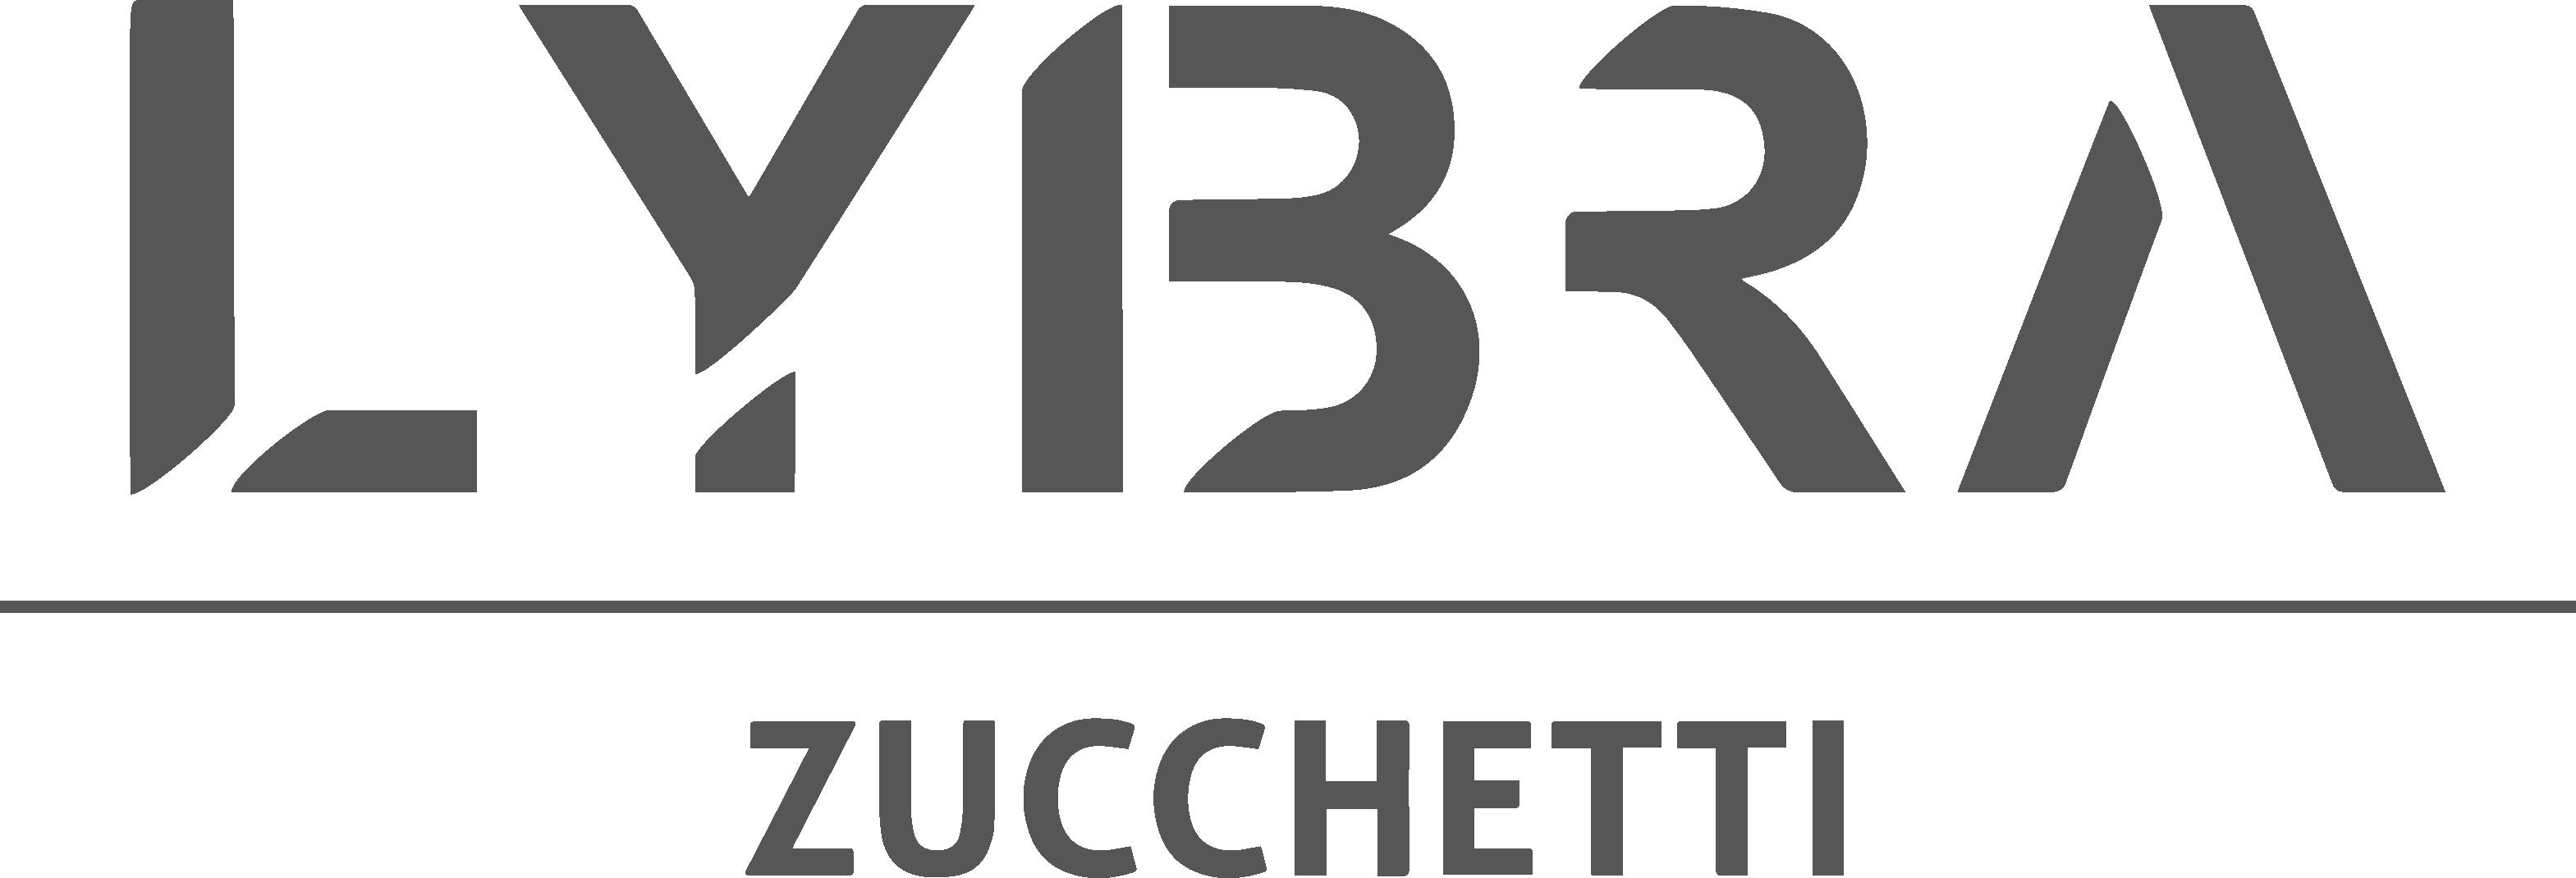 Lybra Tech logo